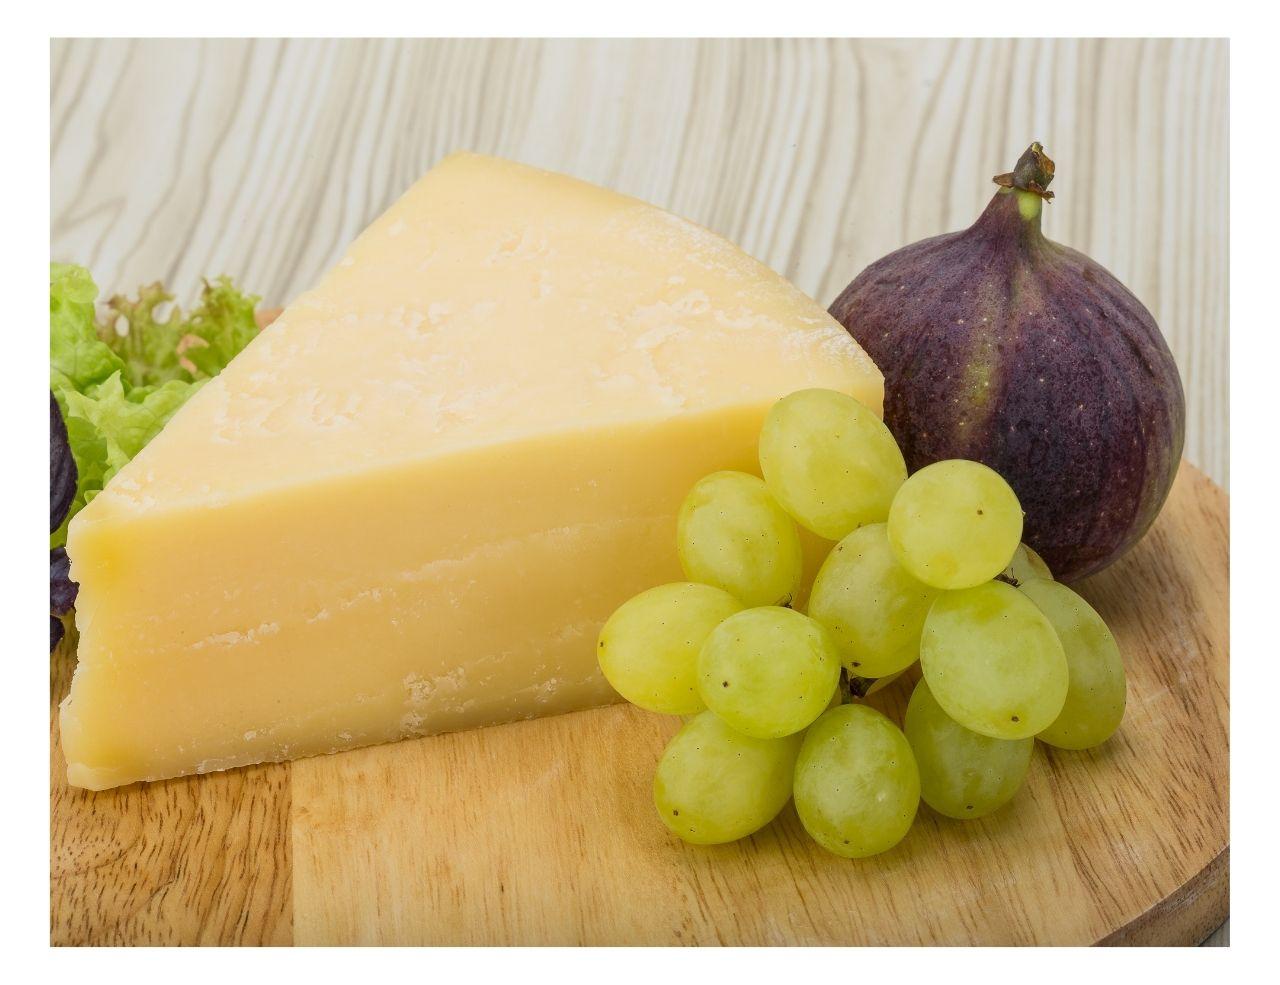 Formaggio Parmigiano Reggiano DOP 40 mesi Parmareggio 4900gr